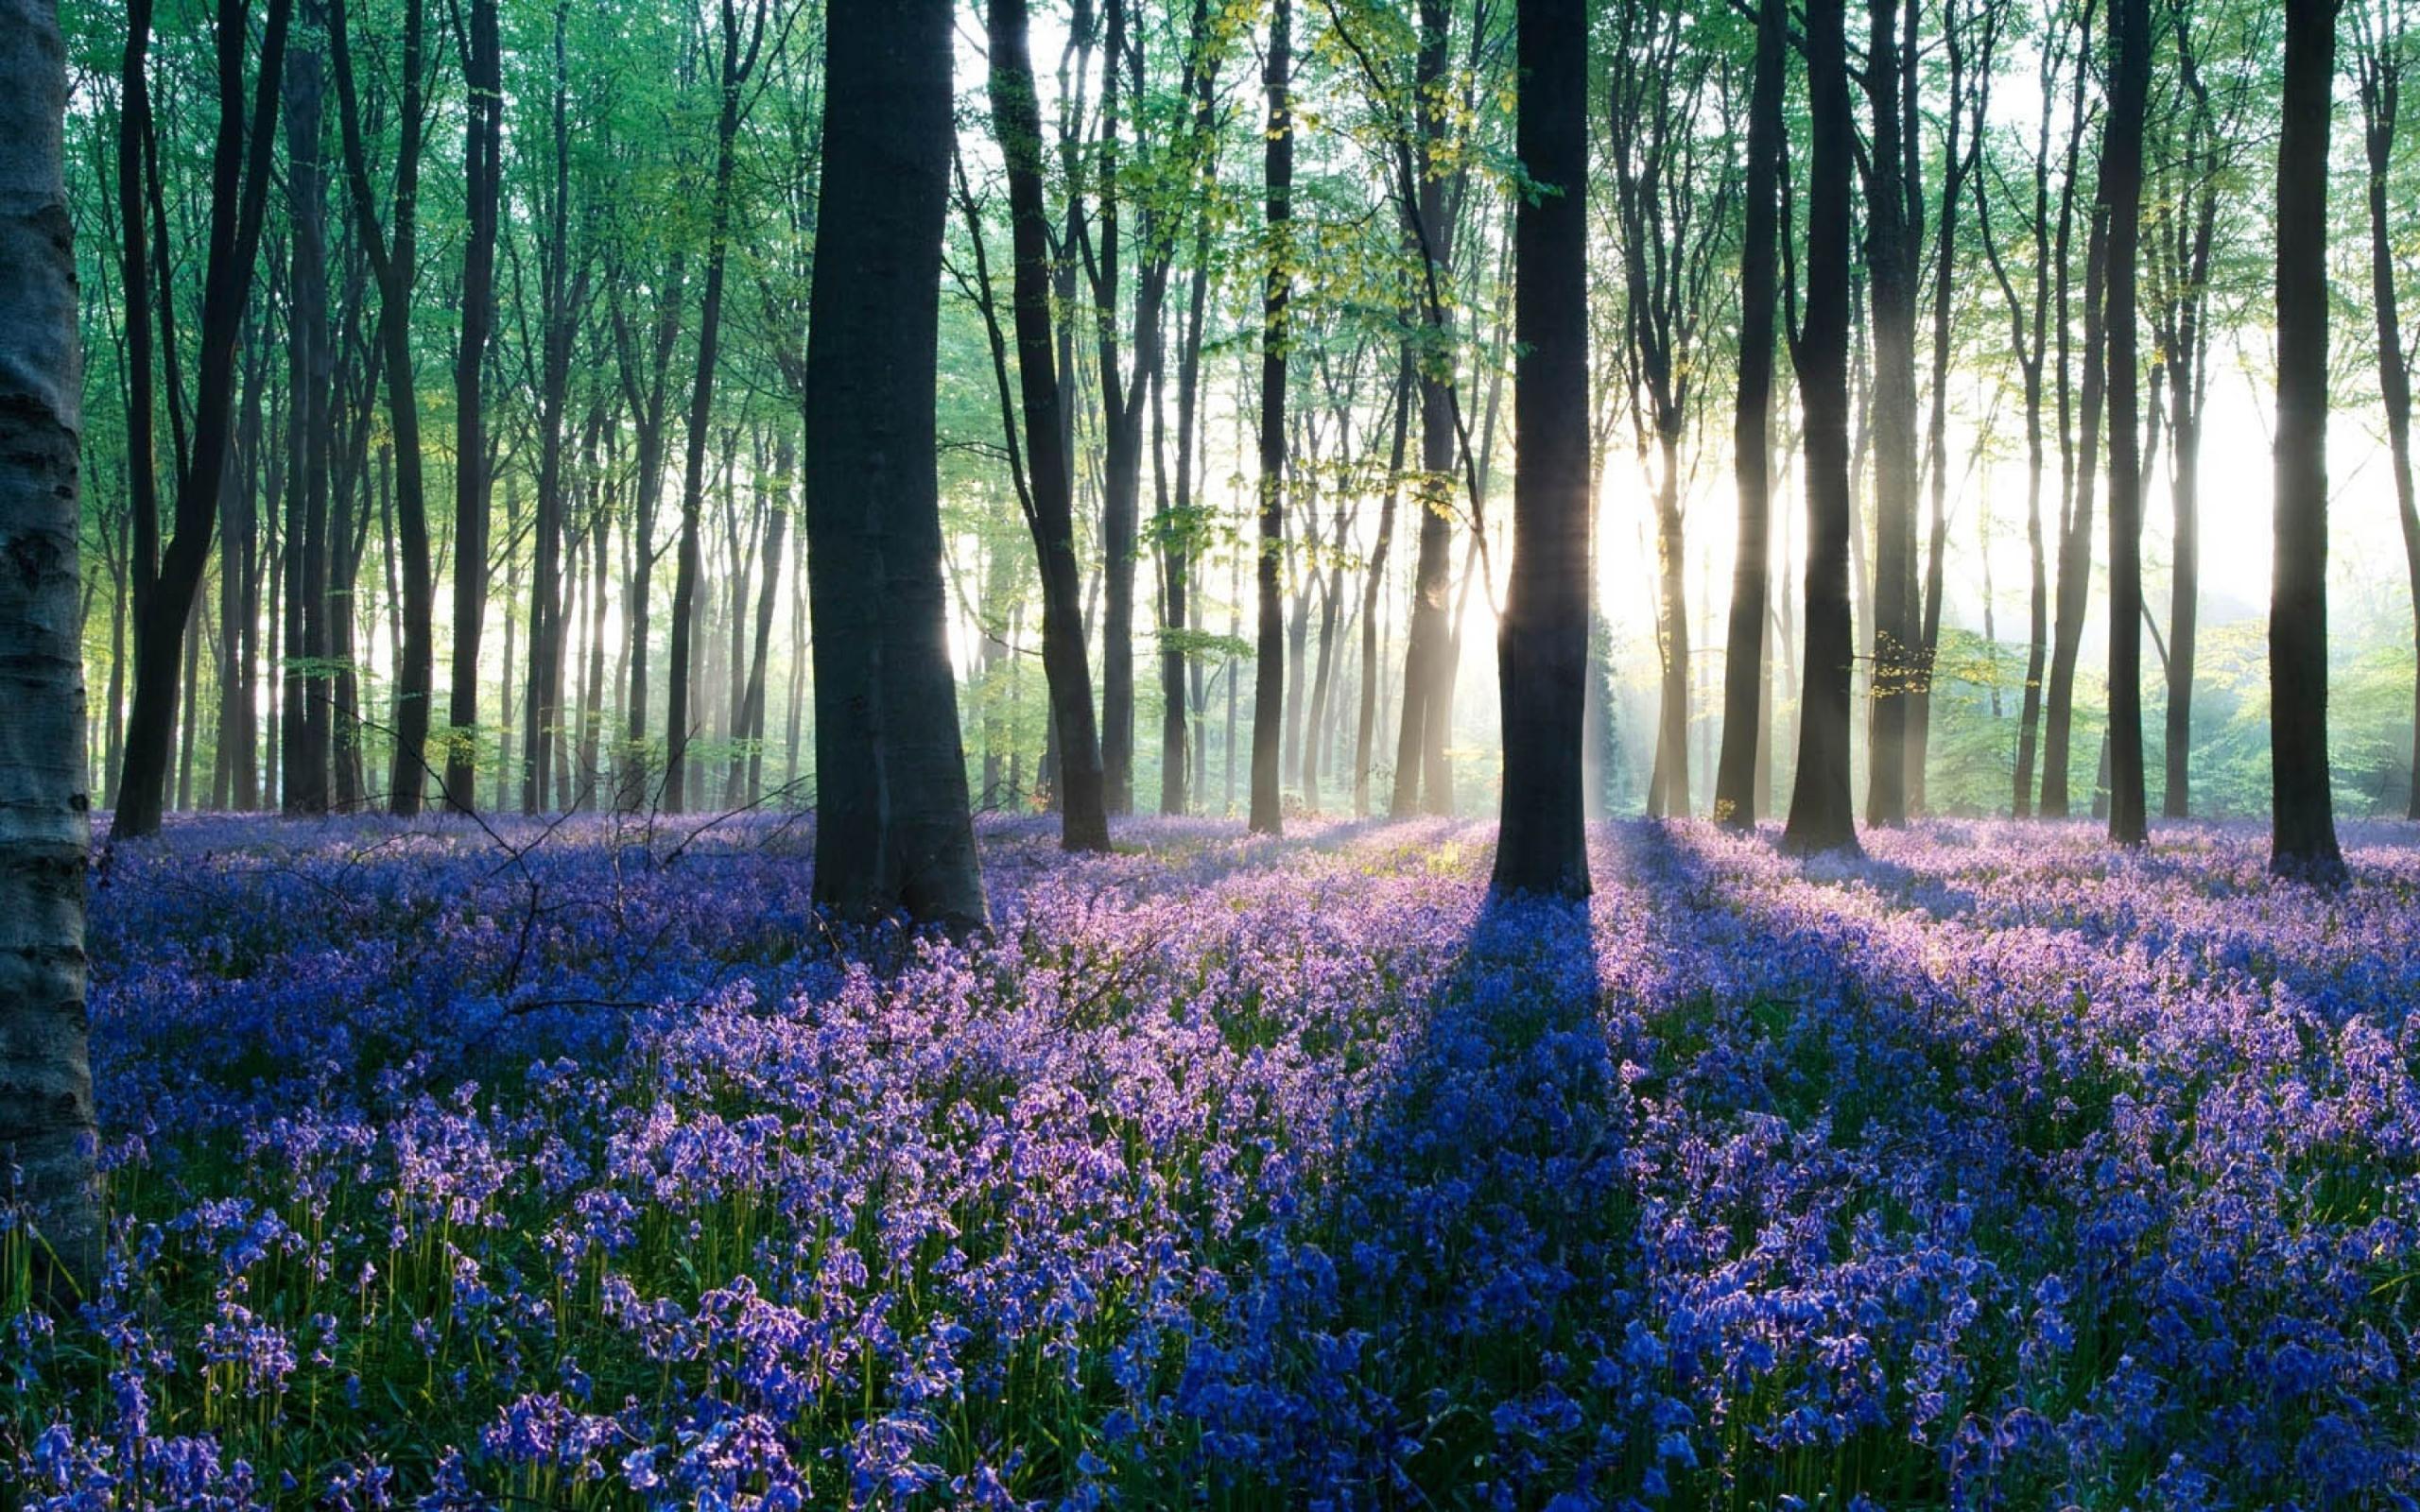 цветы в лесу фото: